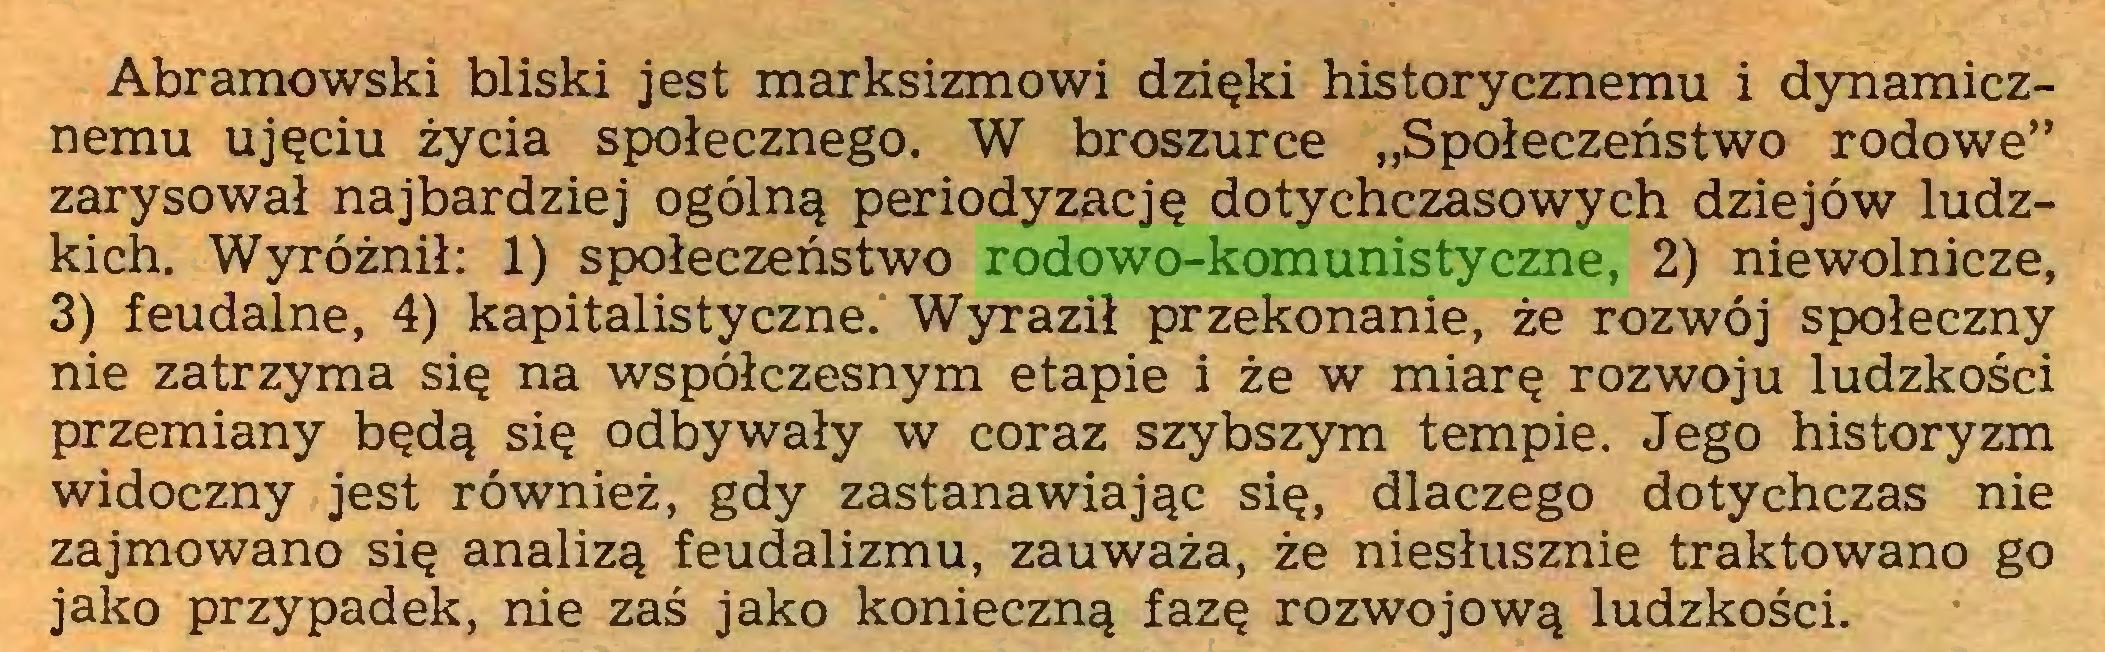 """(...) Abramowski bliski jest marksizmowi dzięki historycznemu i dynamicznemu ujęciu życia społecznego. W broszurce """"Społeczeństwo rodowe"""" zarysował najbardziej ogólną periodyzację dotychczasowych dziejów ludzkich. Wyróżnił: 1) społeczeństwo rodowo-komunistyczne, 2) niewolnicze, 3) feudalne, 4) kapitalistyczne. Wyraził przekonanie, że rozwój społeczny nie zatrzyma się na współczesnym etapie i że w miarę rozwoju ludzkości przemiany będą się odbywały w coraz szybszym tempie. Jego historyzm widoczny jest również, gdy zastanawiając się, dlaczego dotychczas nie zajmowano się analizą feudalizmu, zauważa, że niesłusznie traktowano go jako przypadek, nie zaś jako konieczną fazę rozwojową ludzkości..."""